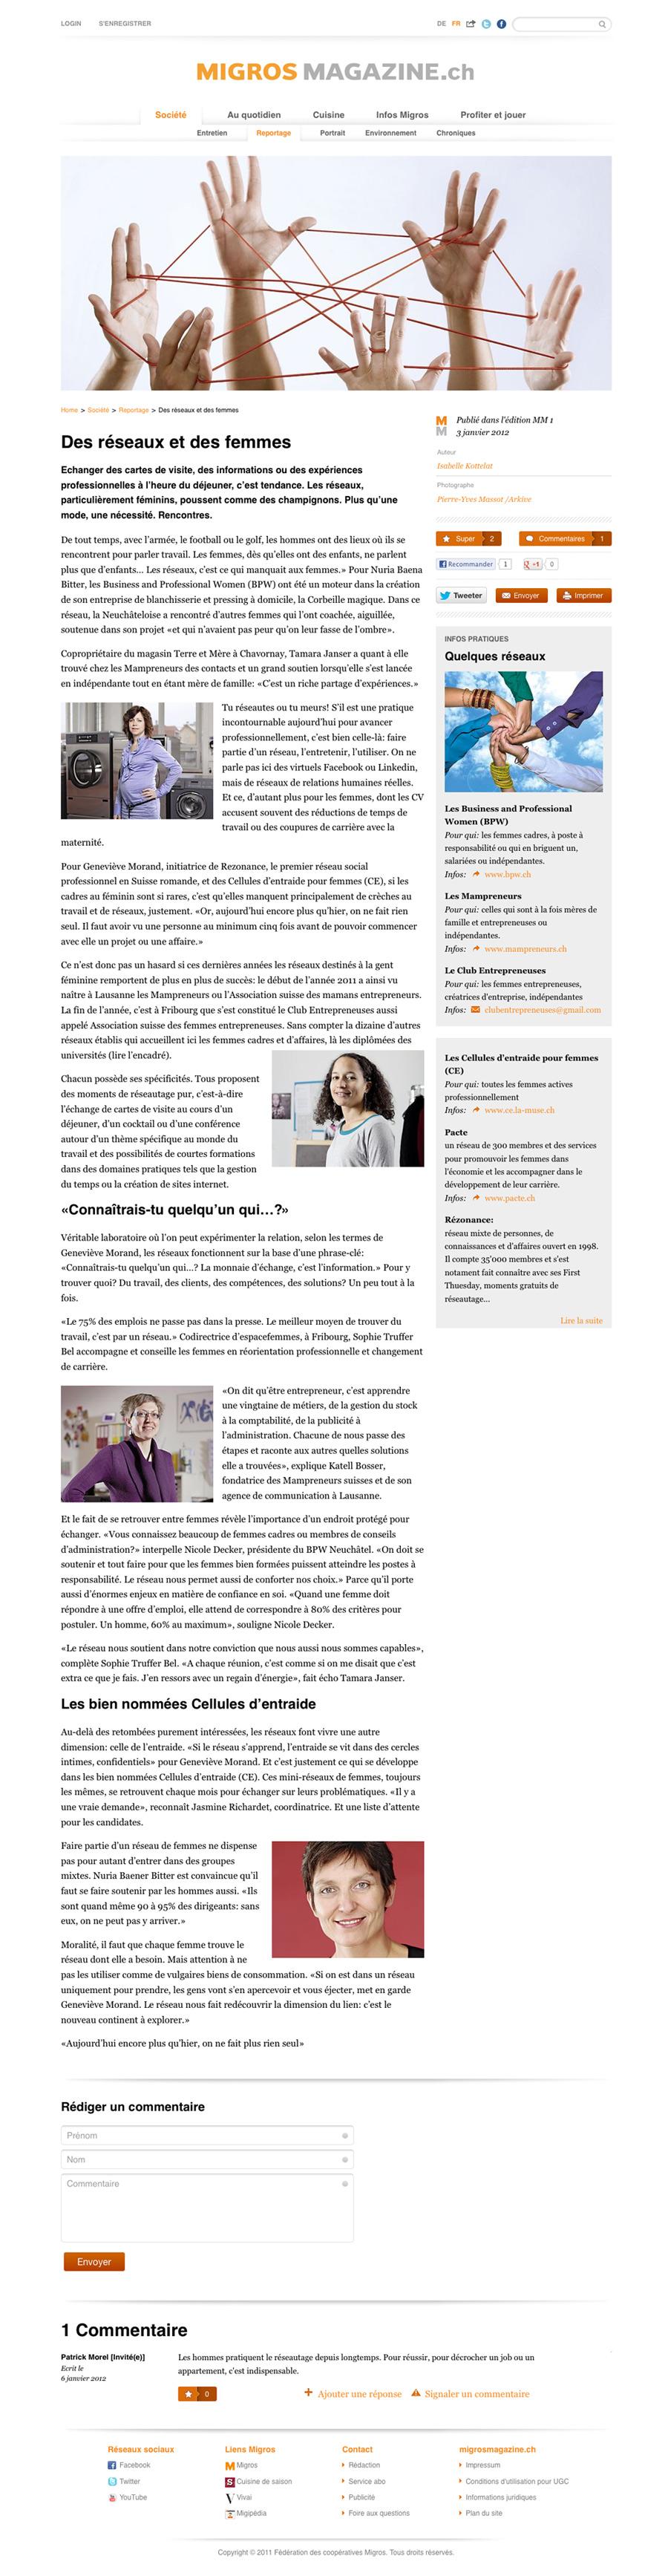 presse-MigrosMagazine-03012012